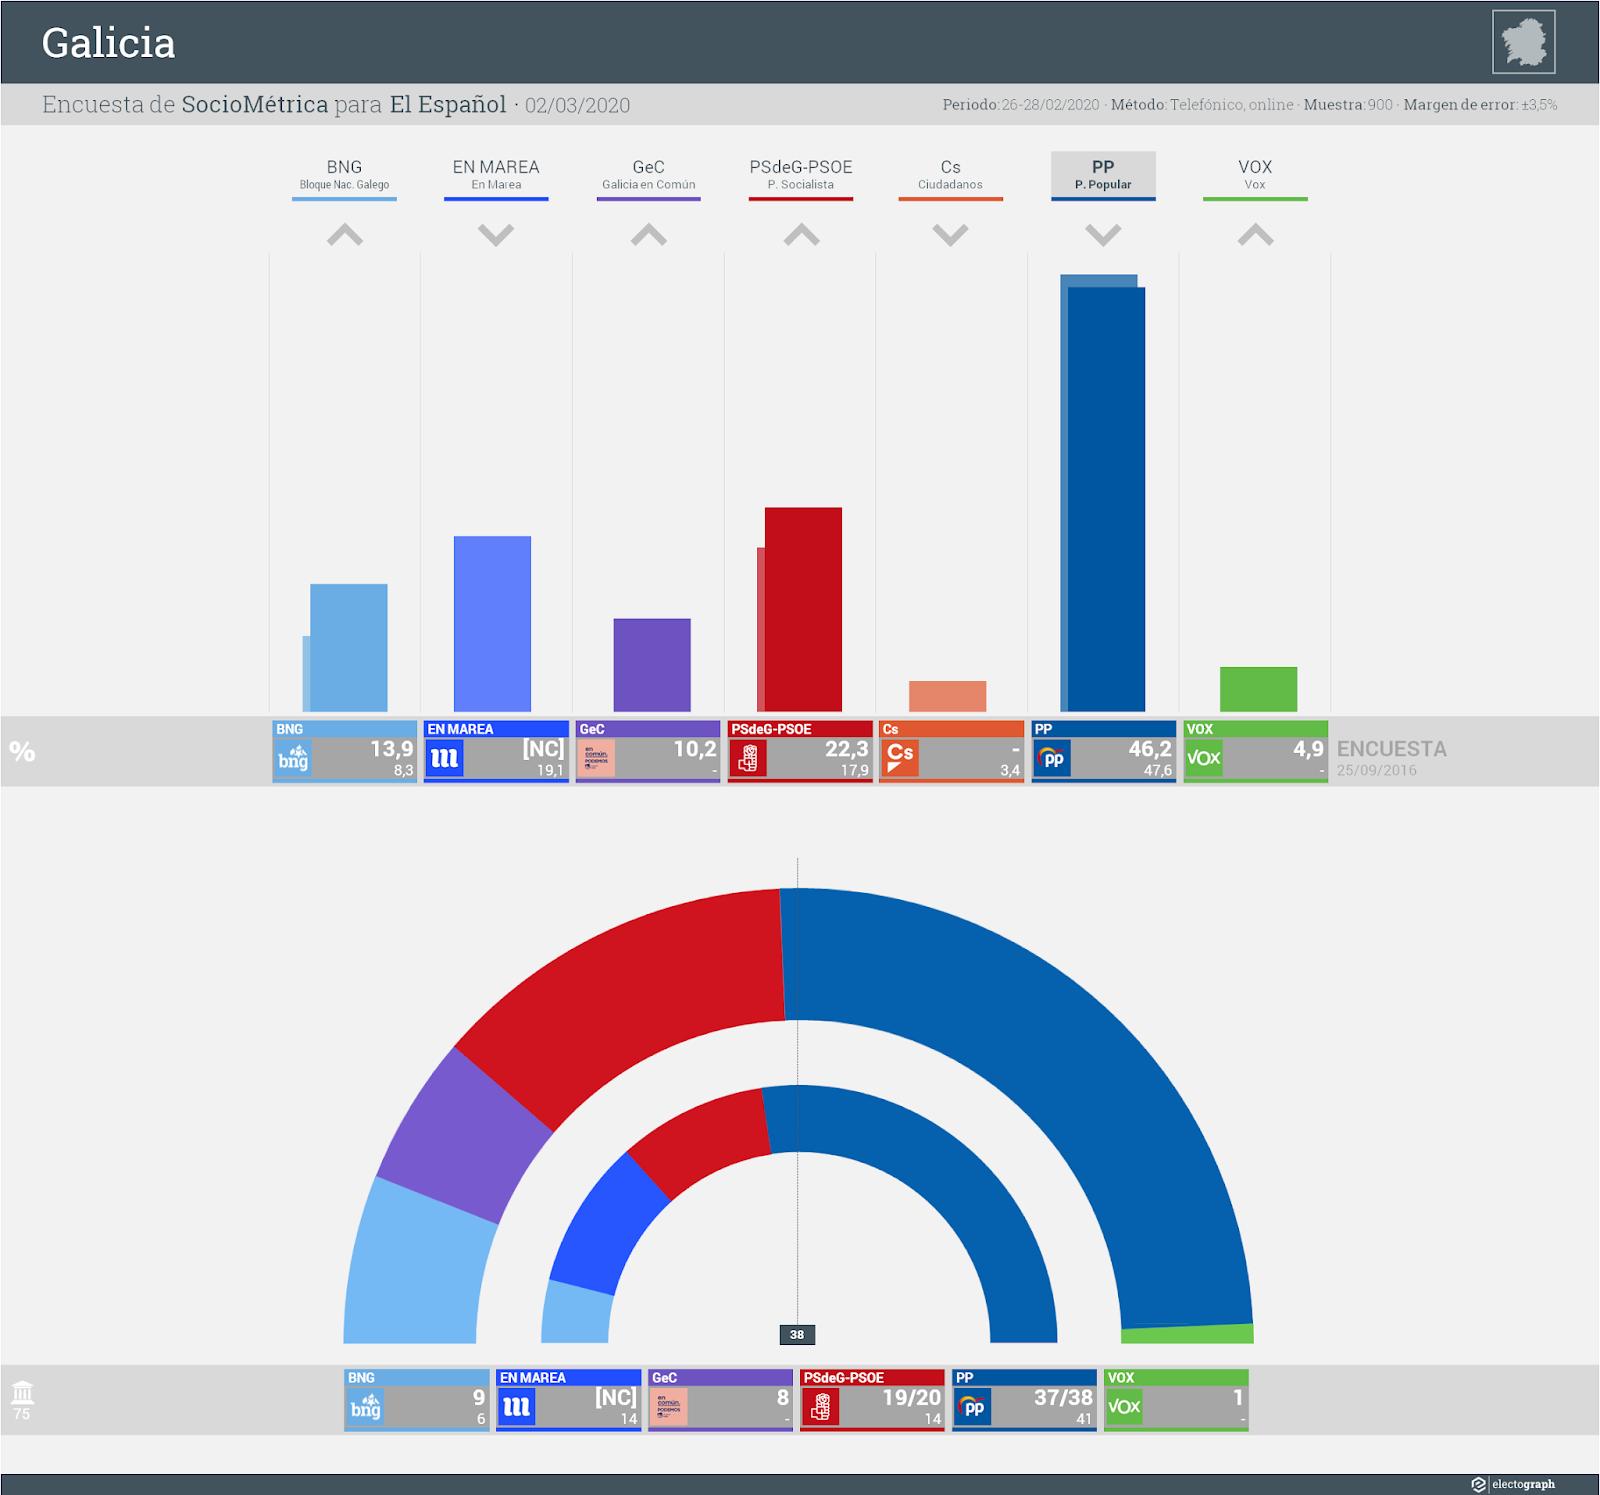 Gráfico de la encuesta para elecciones autonómicas en Galicia realizada por SocioMétrica para El Español, 2 de marzo de 2020